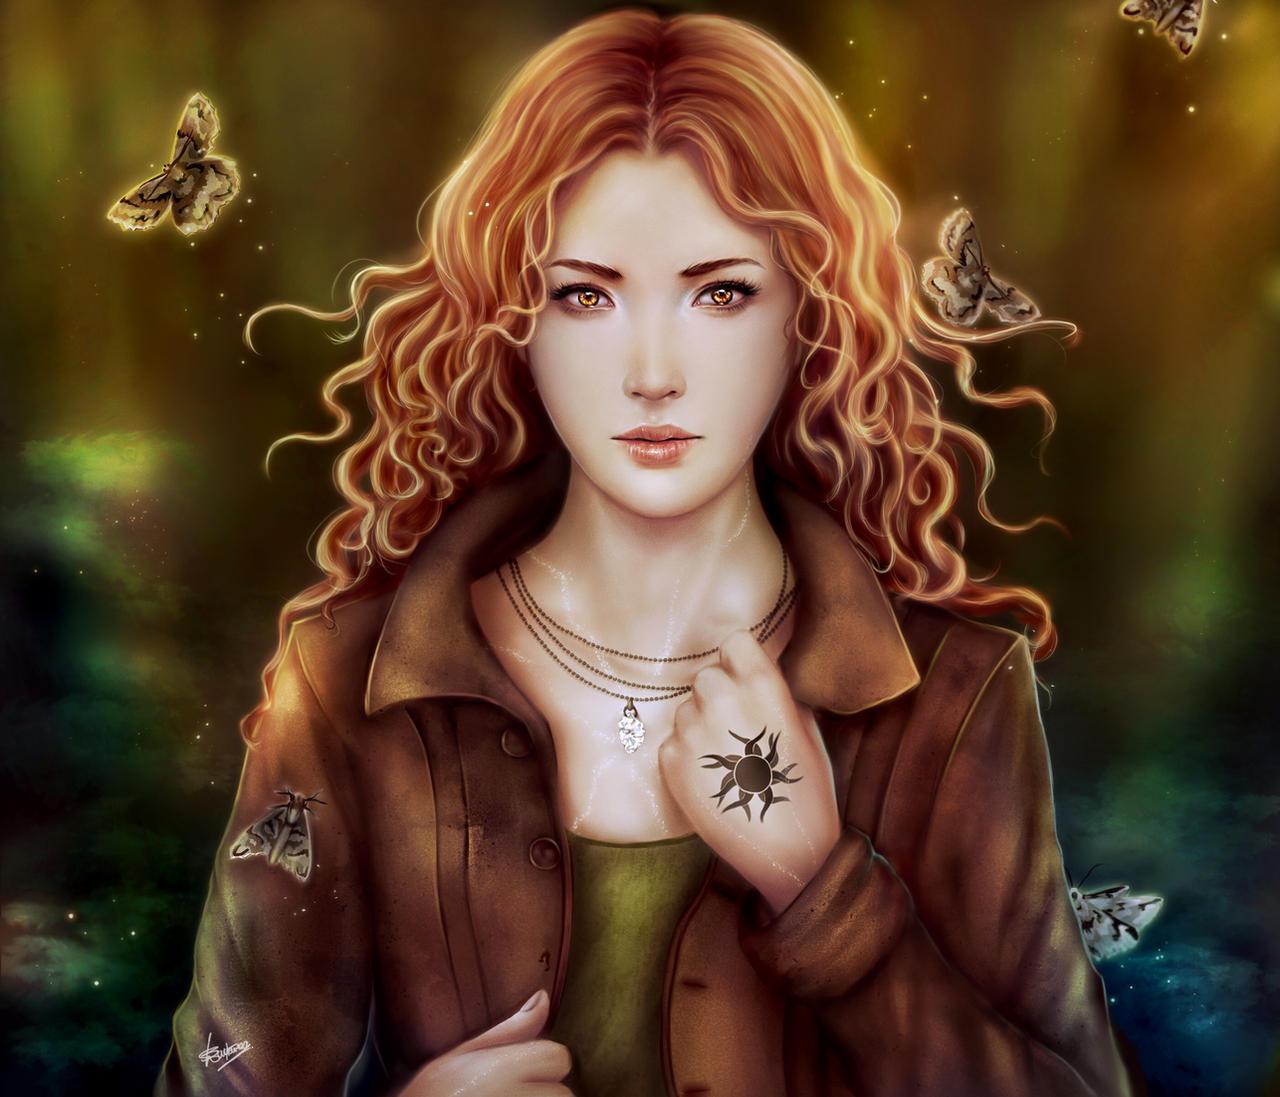 Kianna by Zolaida